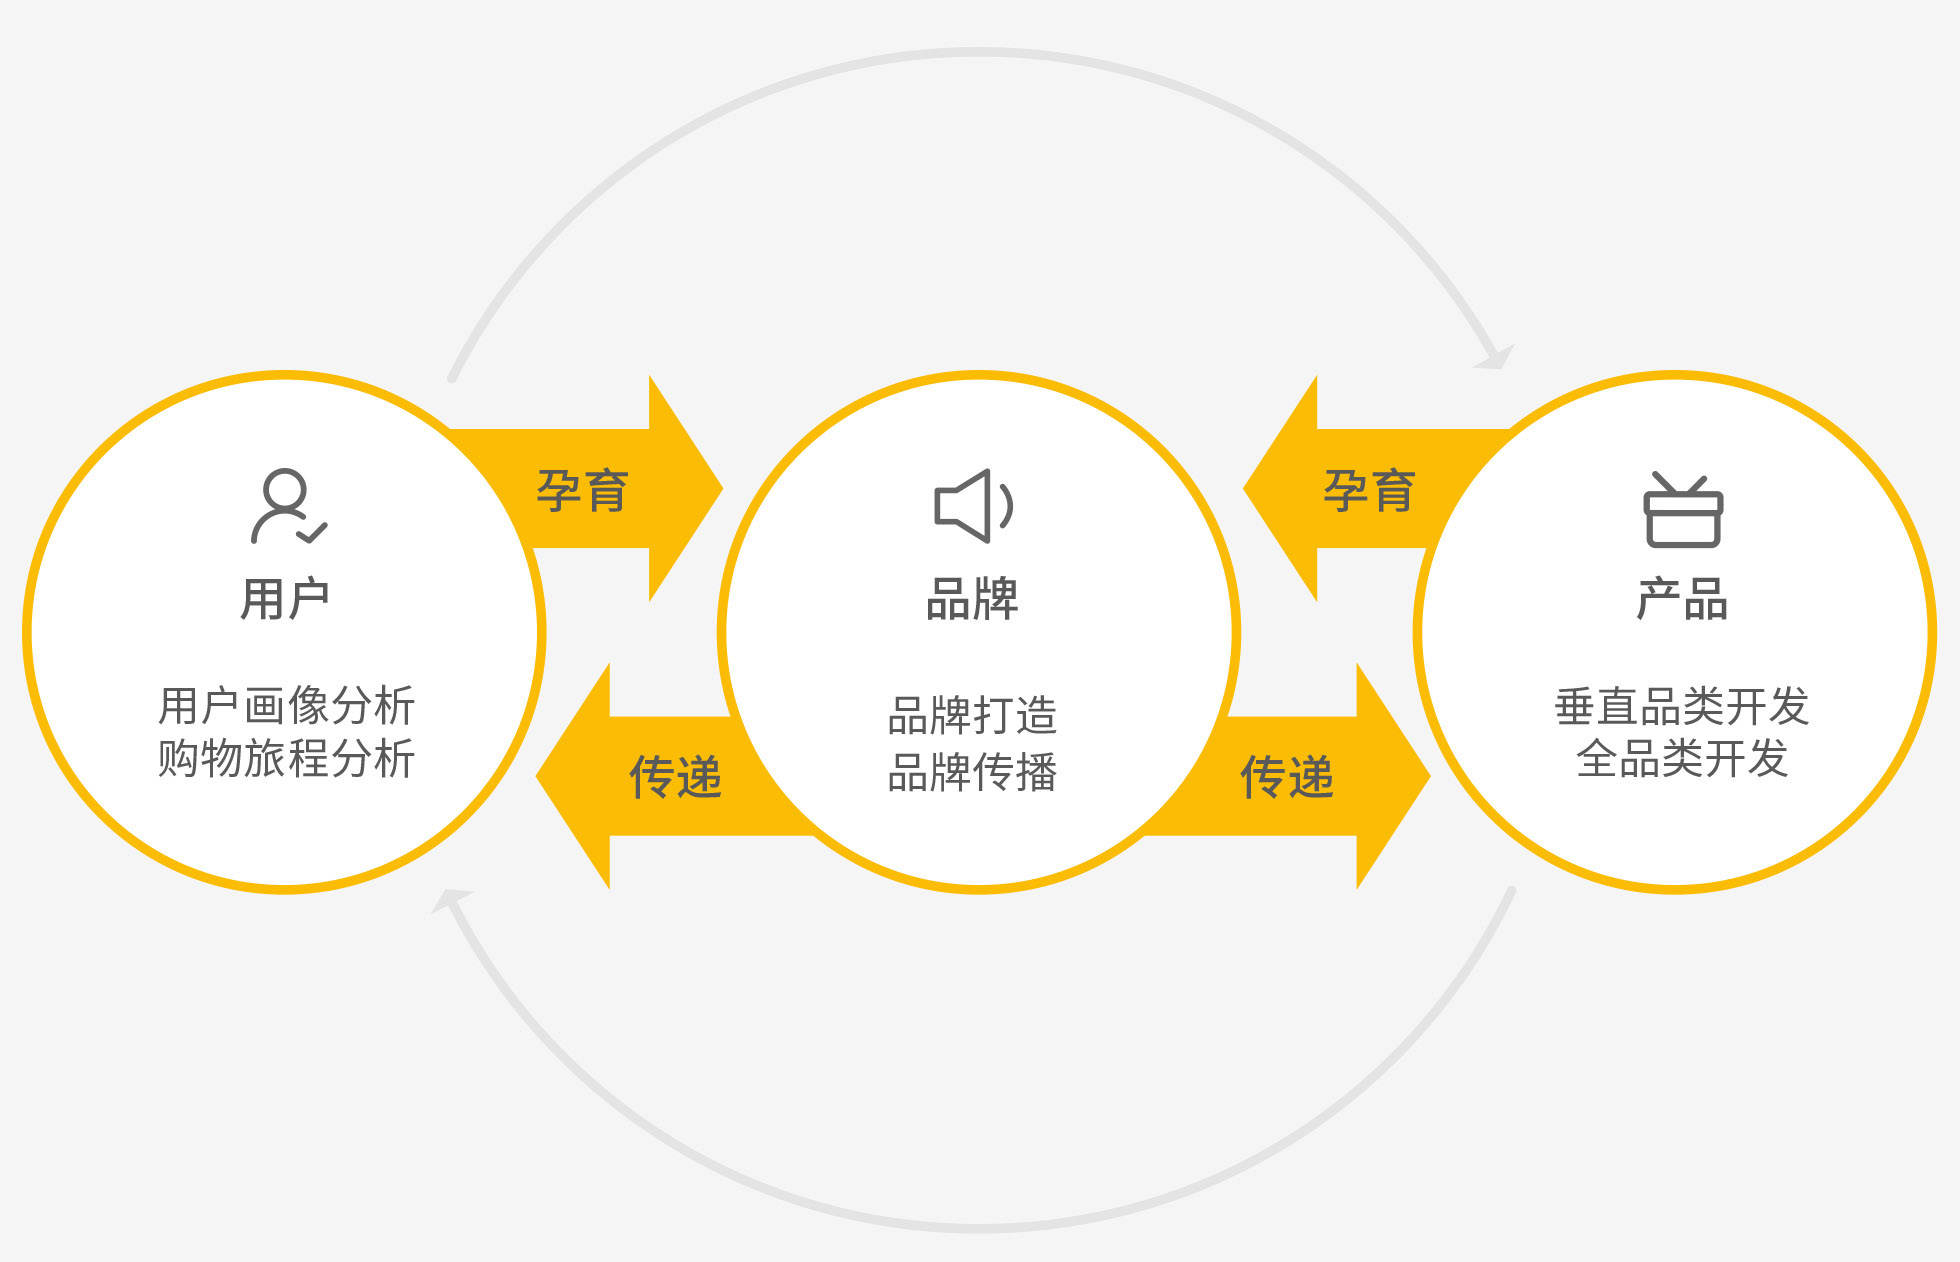 如何建设跨境电商品牌?